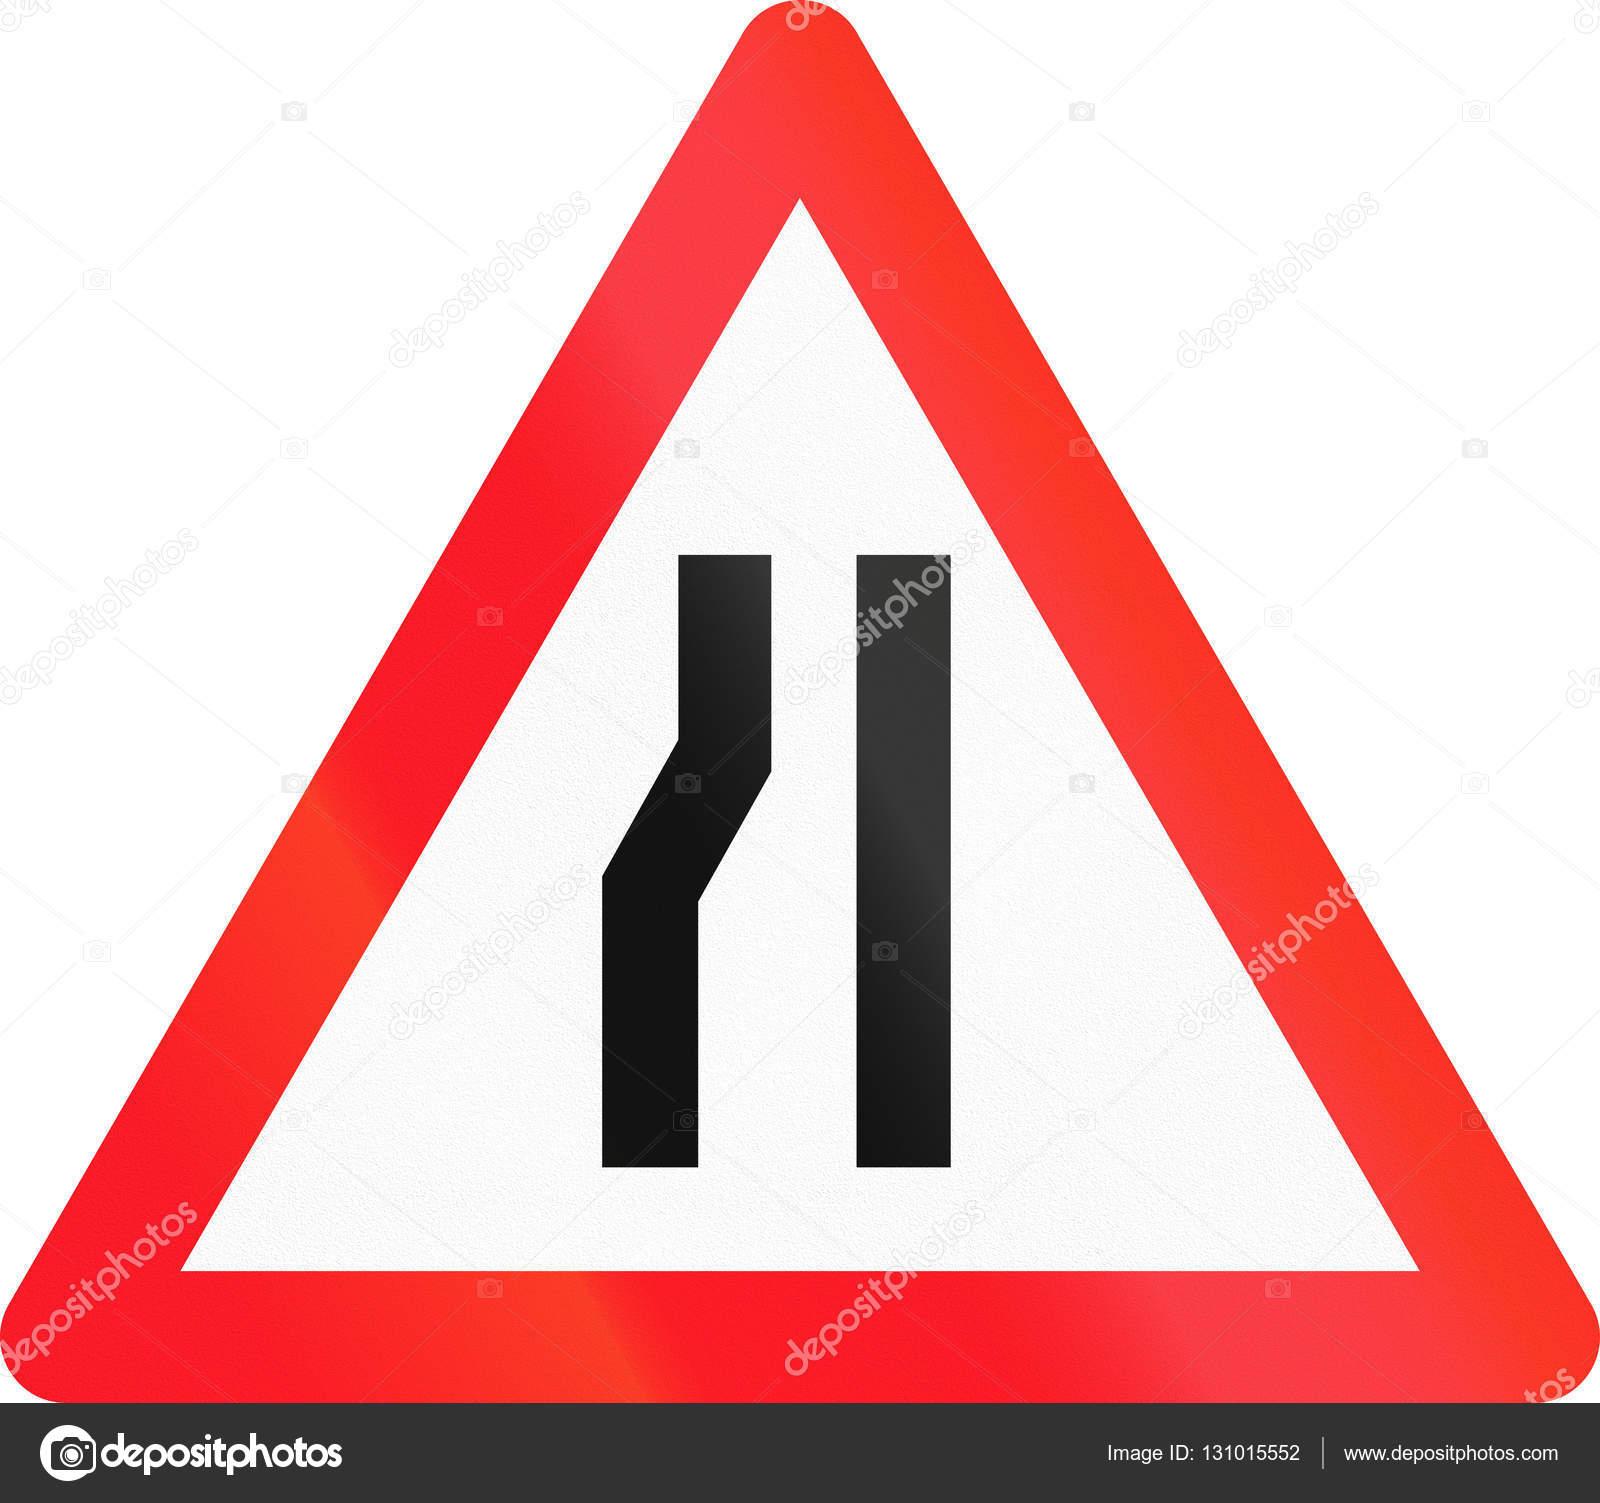 27fb0d2f0c2a Señal de advertencia utilizado en Suiza - camino se va estrechando a  izquierda — Foto de